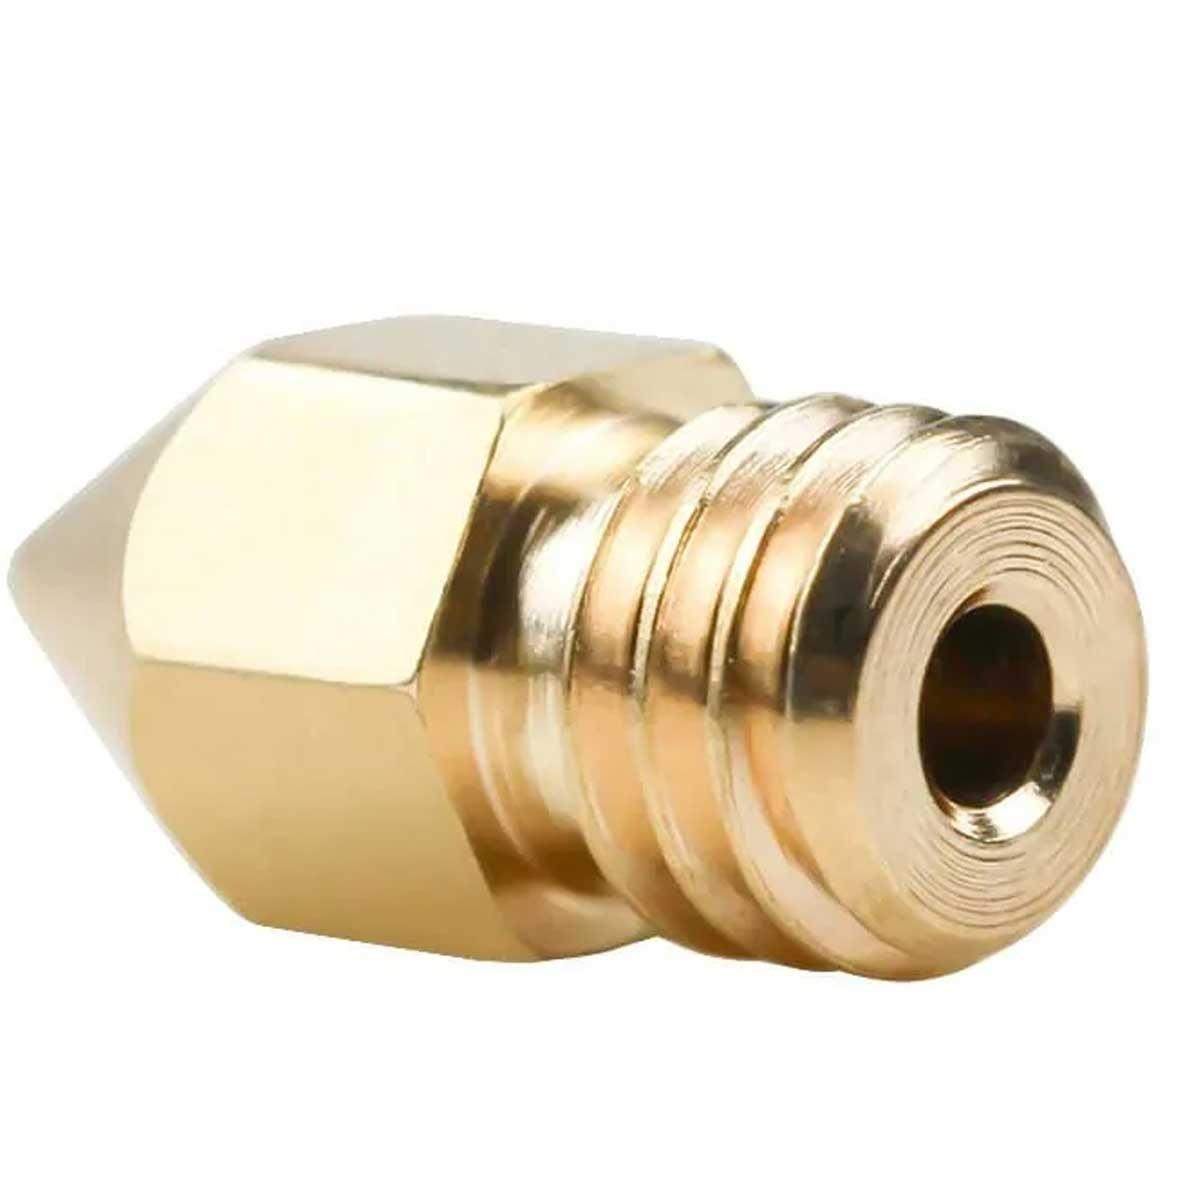 5x Bico / Nozzle 0,4mm Mk8 para Impressora 3D CR10 Ender3 Anet 1,75mm